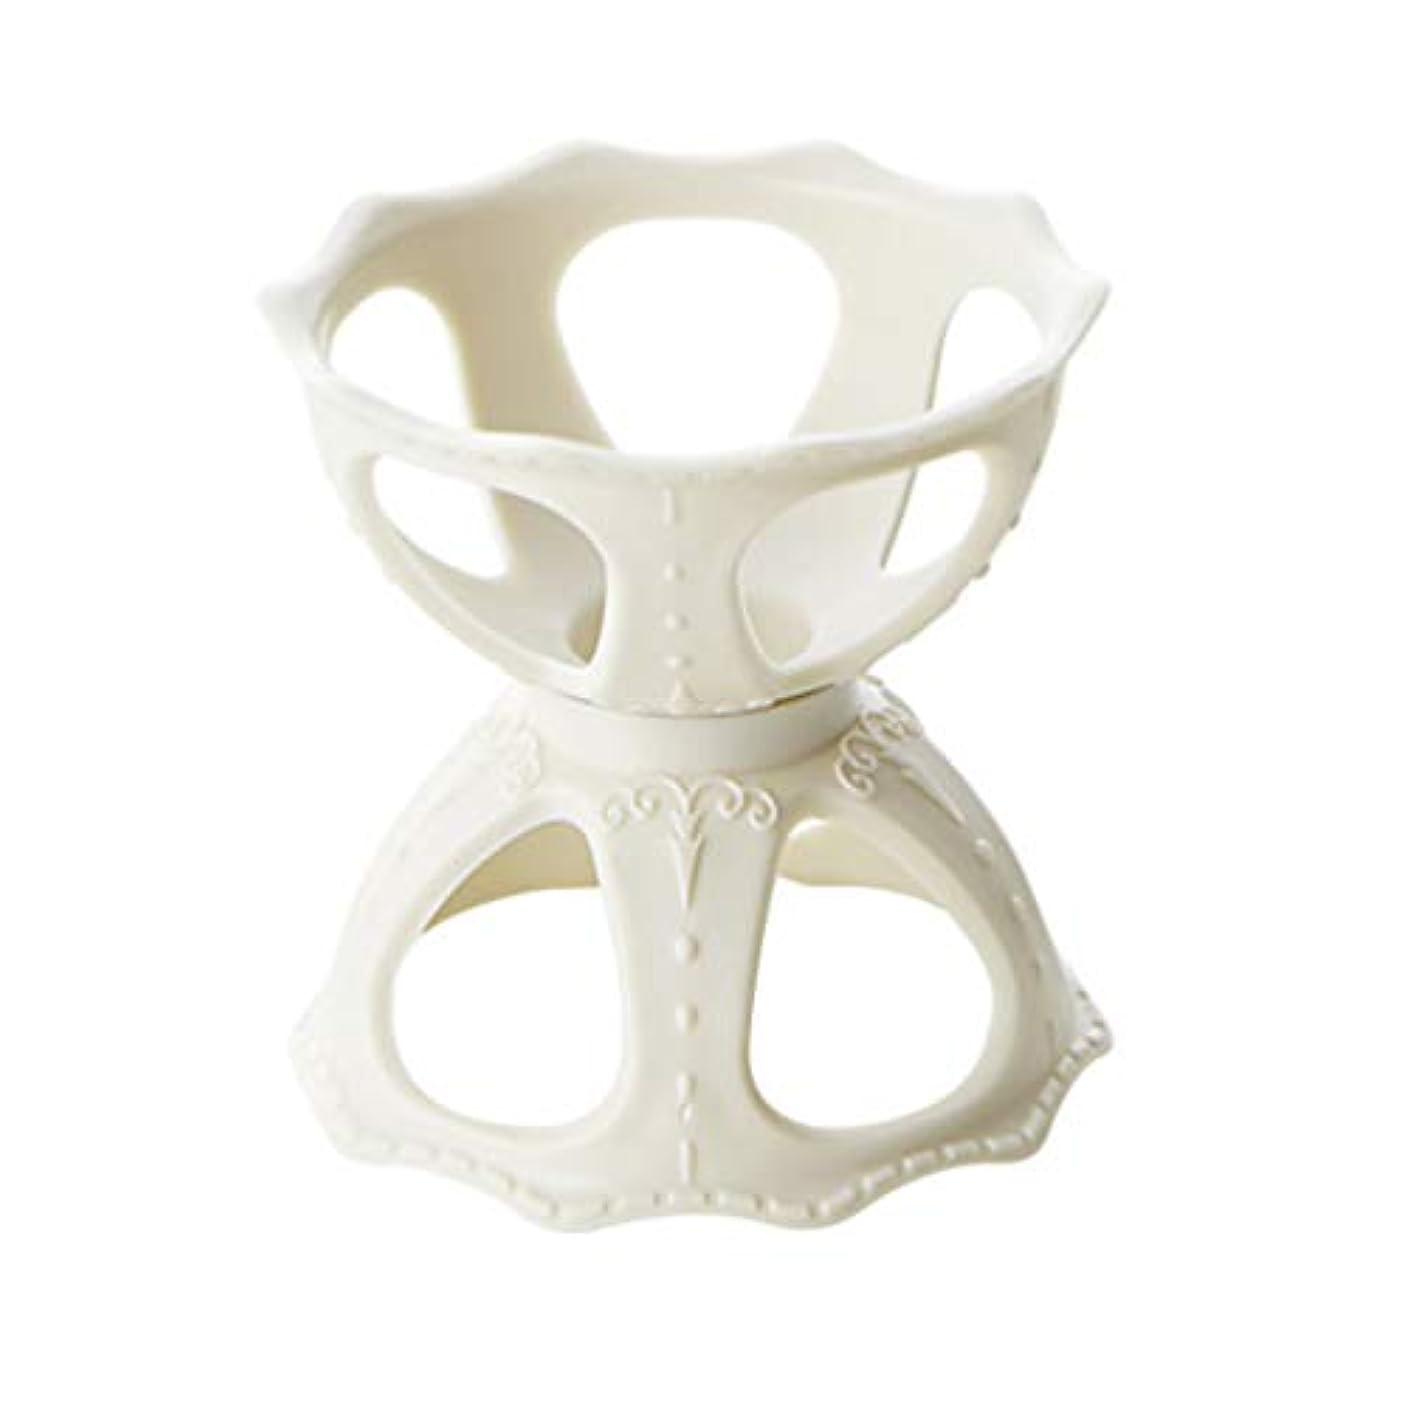 モットートライアスリートうねるFrcolor メイクスポンジスタンド パフホルダー パフ乾燥用スタンド 化粧用パフ收納 カビ防止 小型軽量 3個セット(ホワイト)